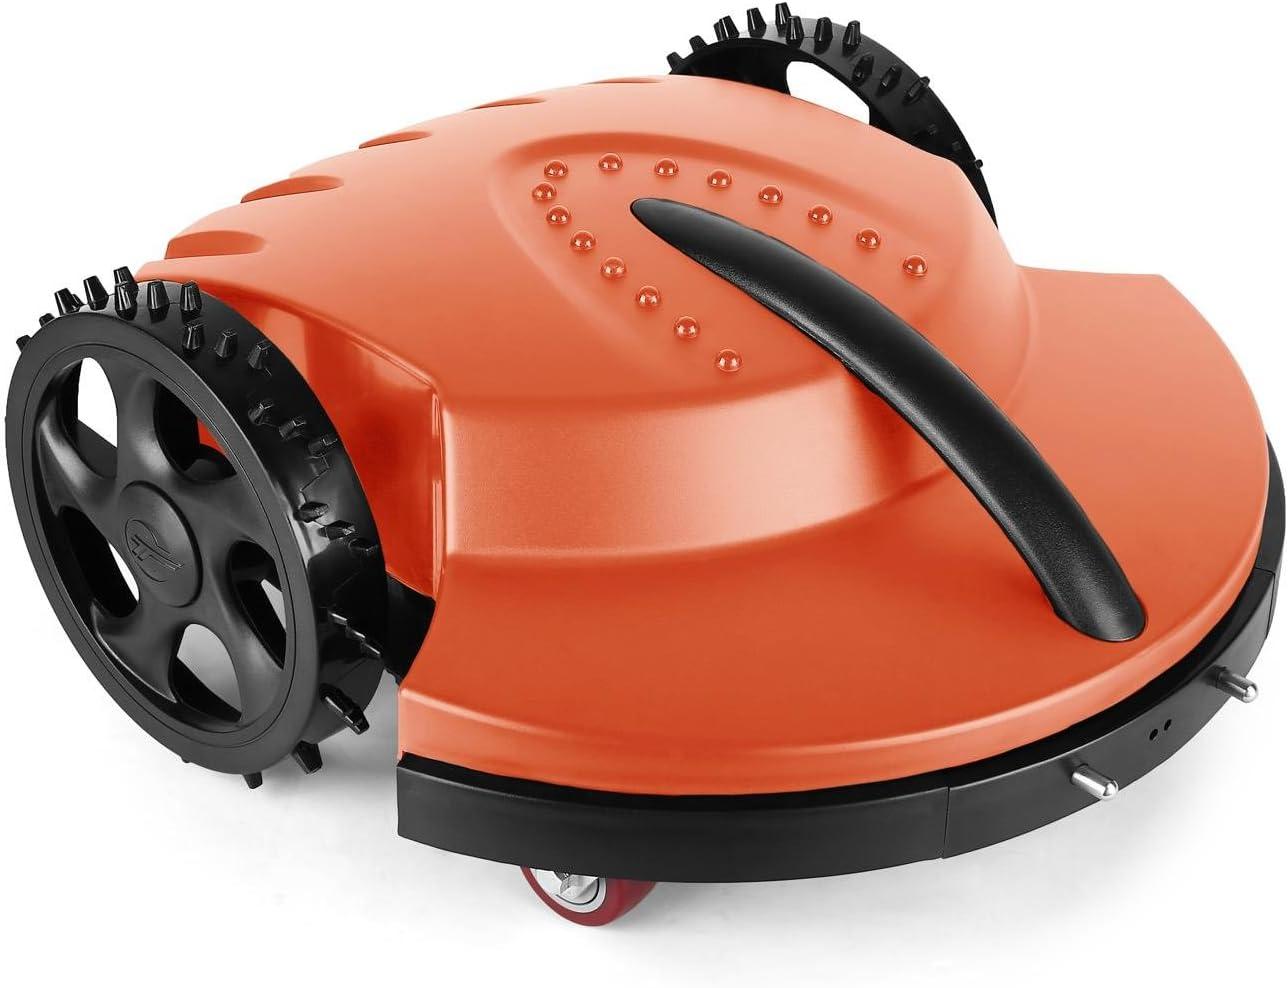 oneConcept Garden Hero robot cortacésped (3 horas de autonomía, velocidad de corte: 20 m por minuto, apto jardines hasta 1.500 m², altura de corte: 3 o 4 cm) - naranja: Amazon.es: Jardín